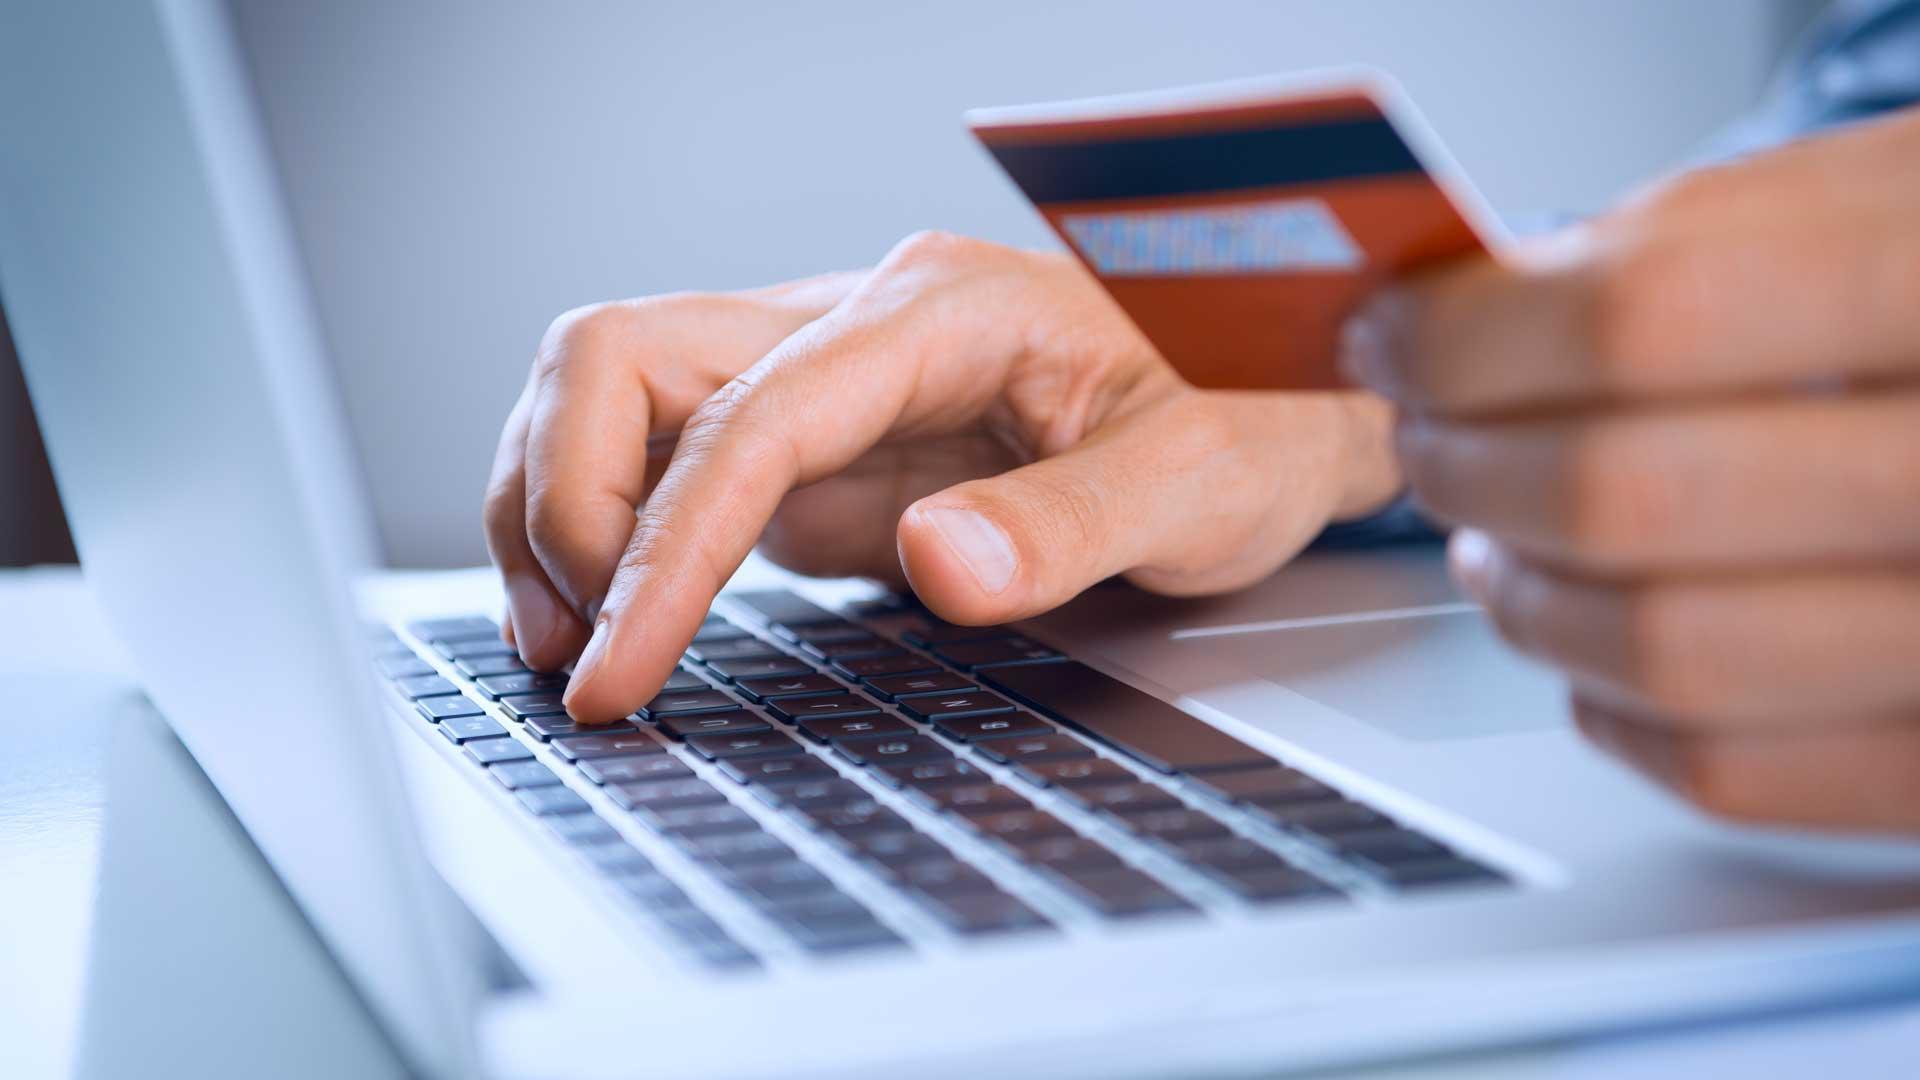 взять онлайн займ на карту срочно